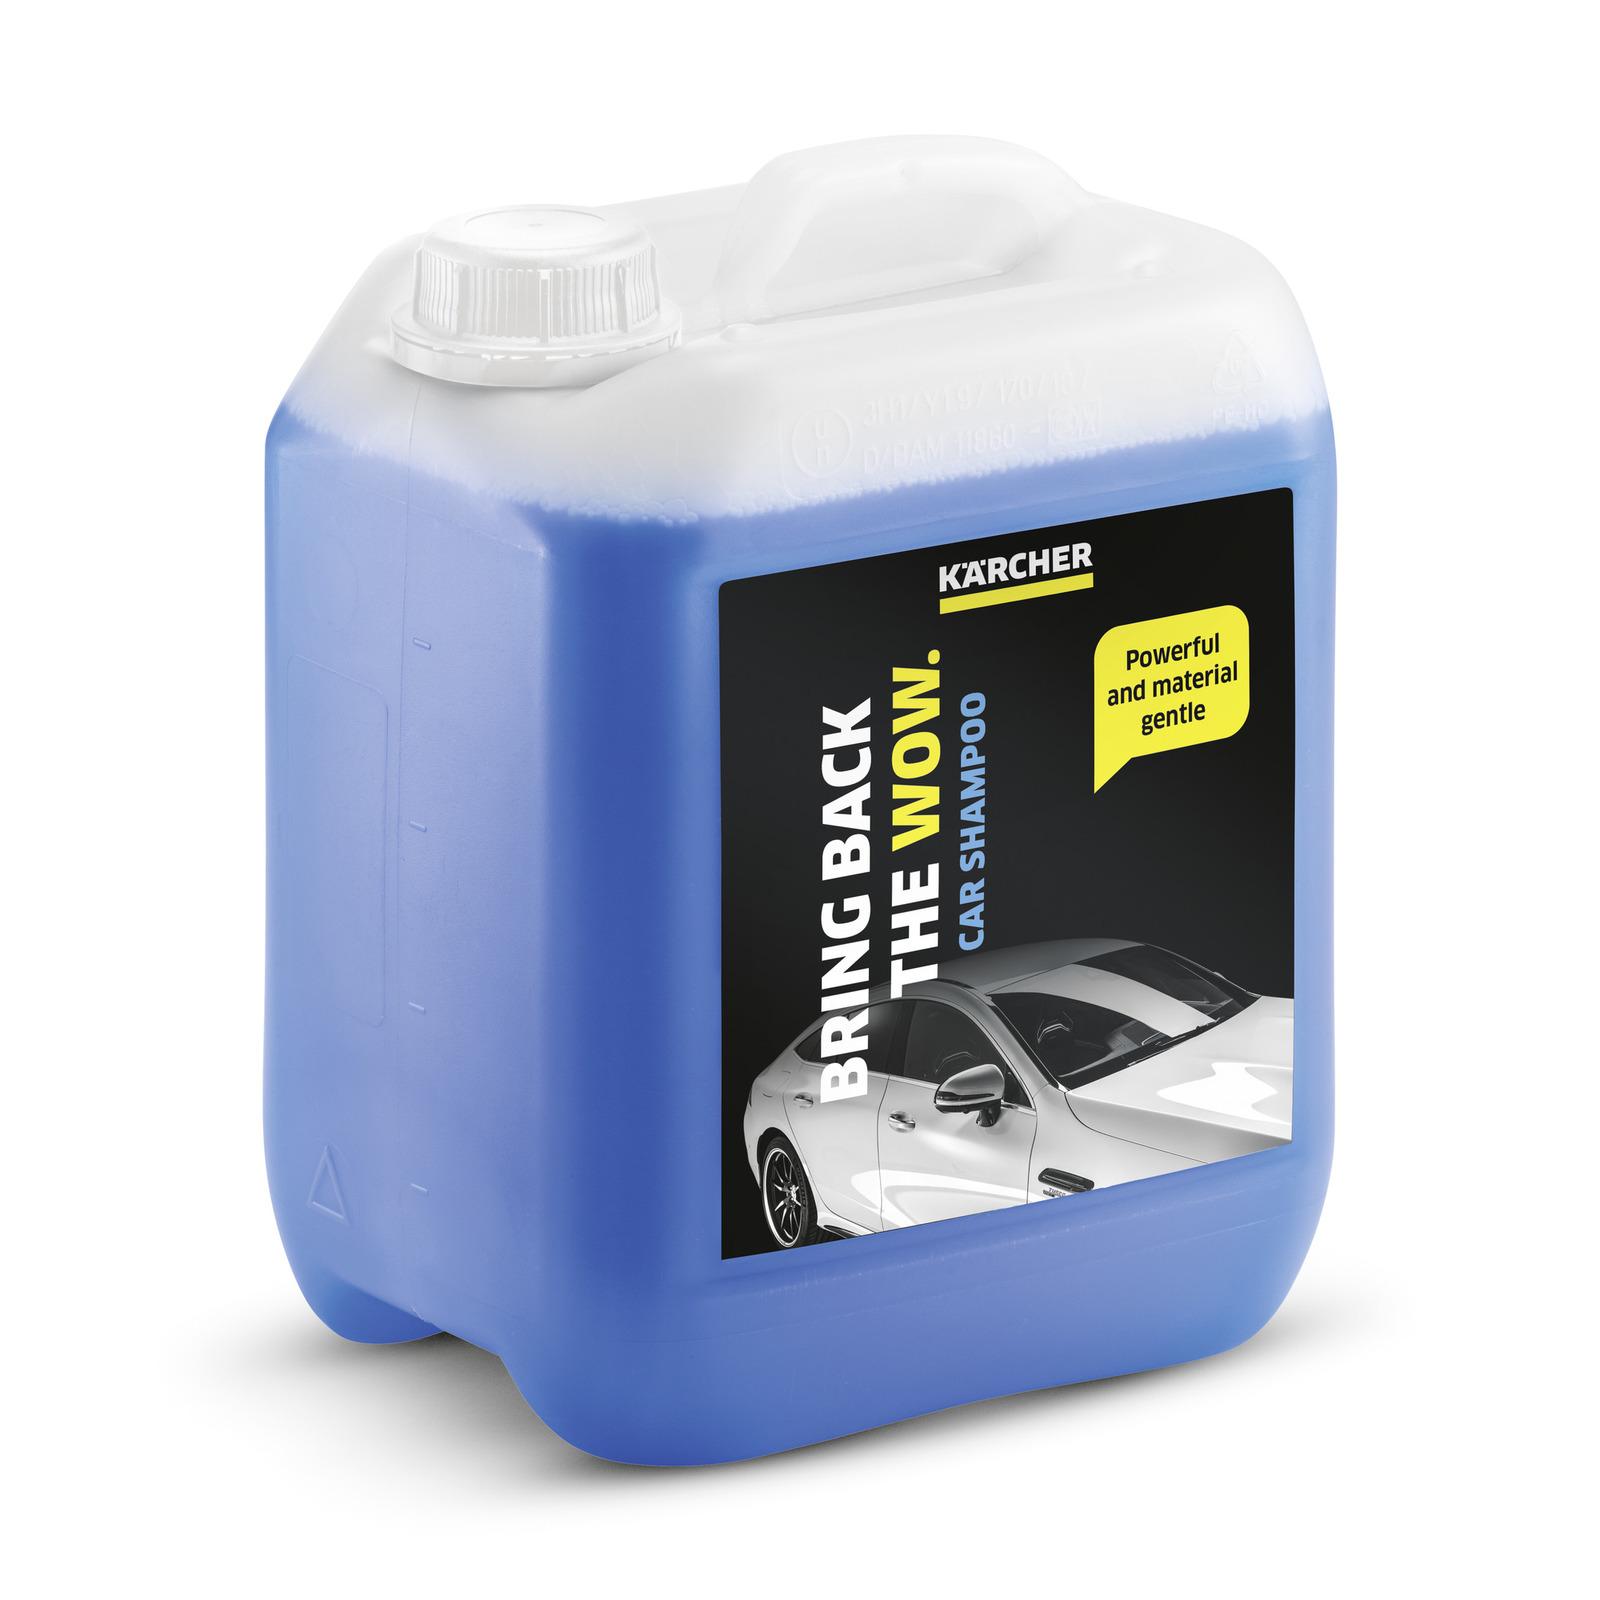 Karcher Car Shampoo  In